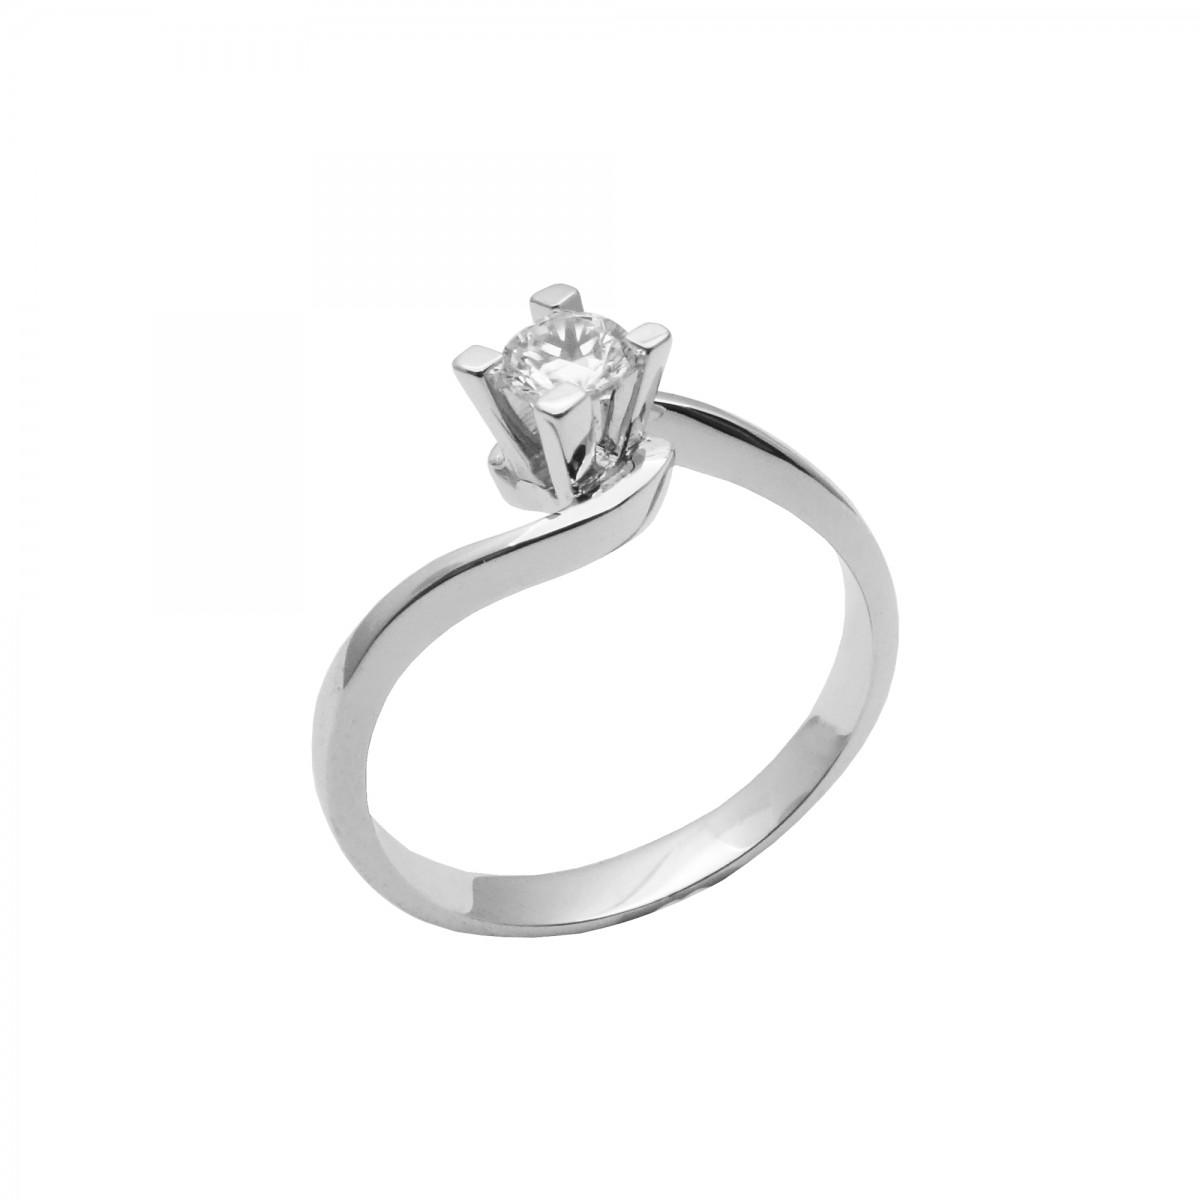 Μονόπετρο δαχτυλίδι λευκόχρυσο 14 καράτια με ζιργκόν - 181€ 68a2c2ed684